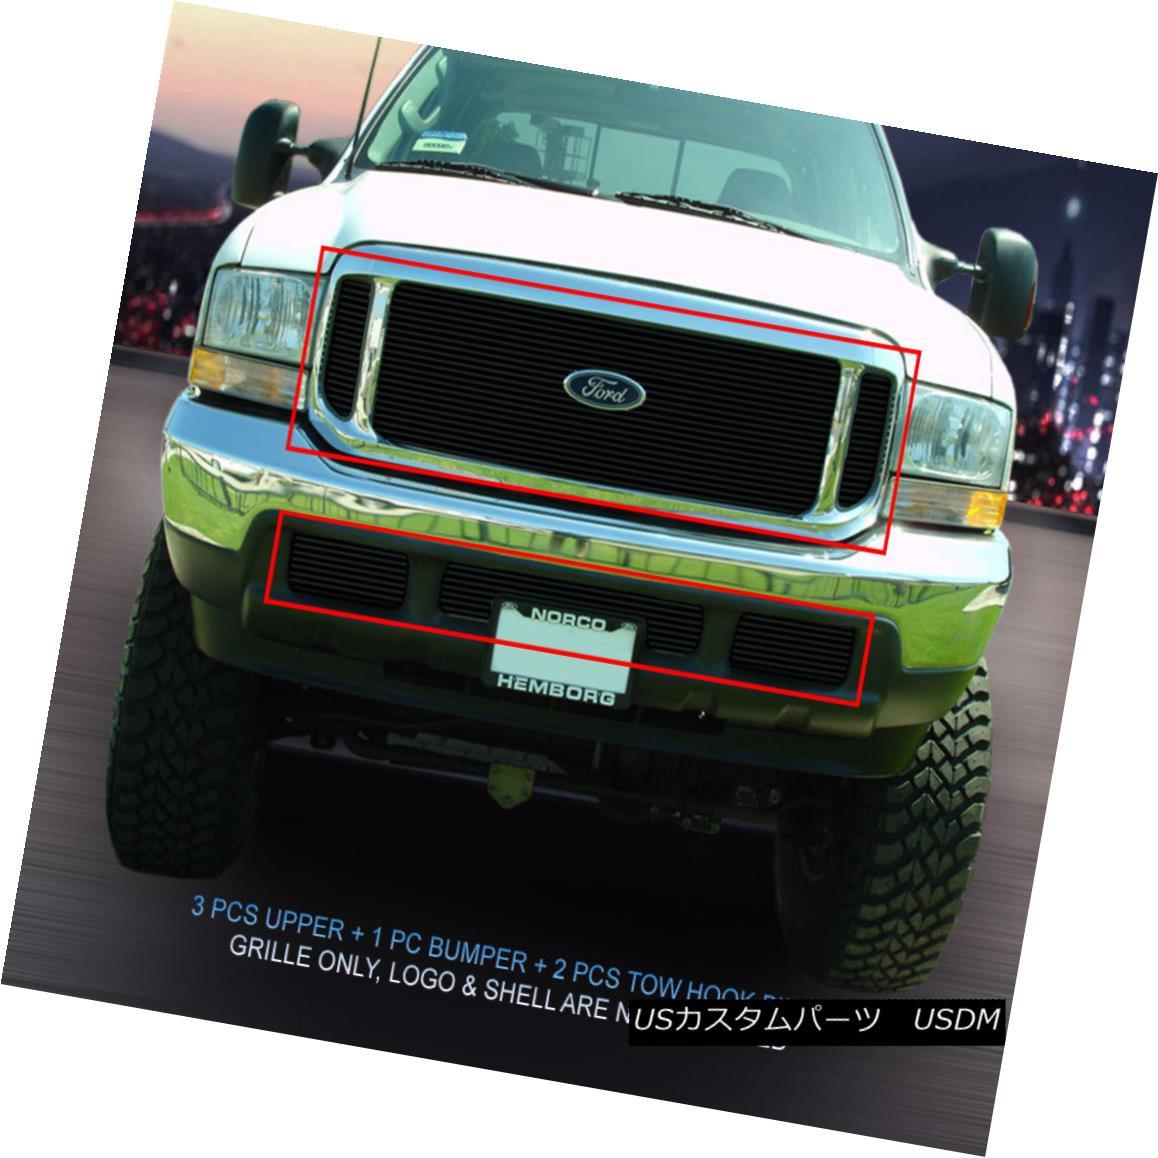 グリル 99-04 Ford F-250/F-350/F-450/F-550 Black Billet Grille Grill Combo Insert Fedar 99-04フォードF-250 / F-350 / F- 450 / F-550ブラックビレットグリルグリルコンボインサートFedar